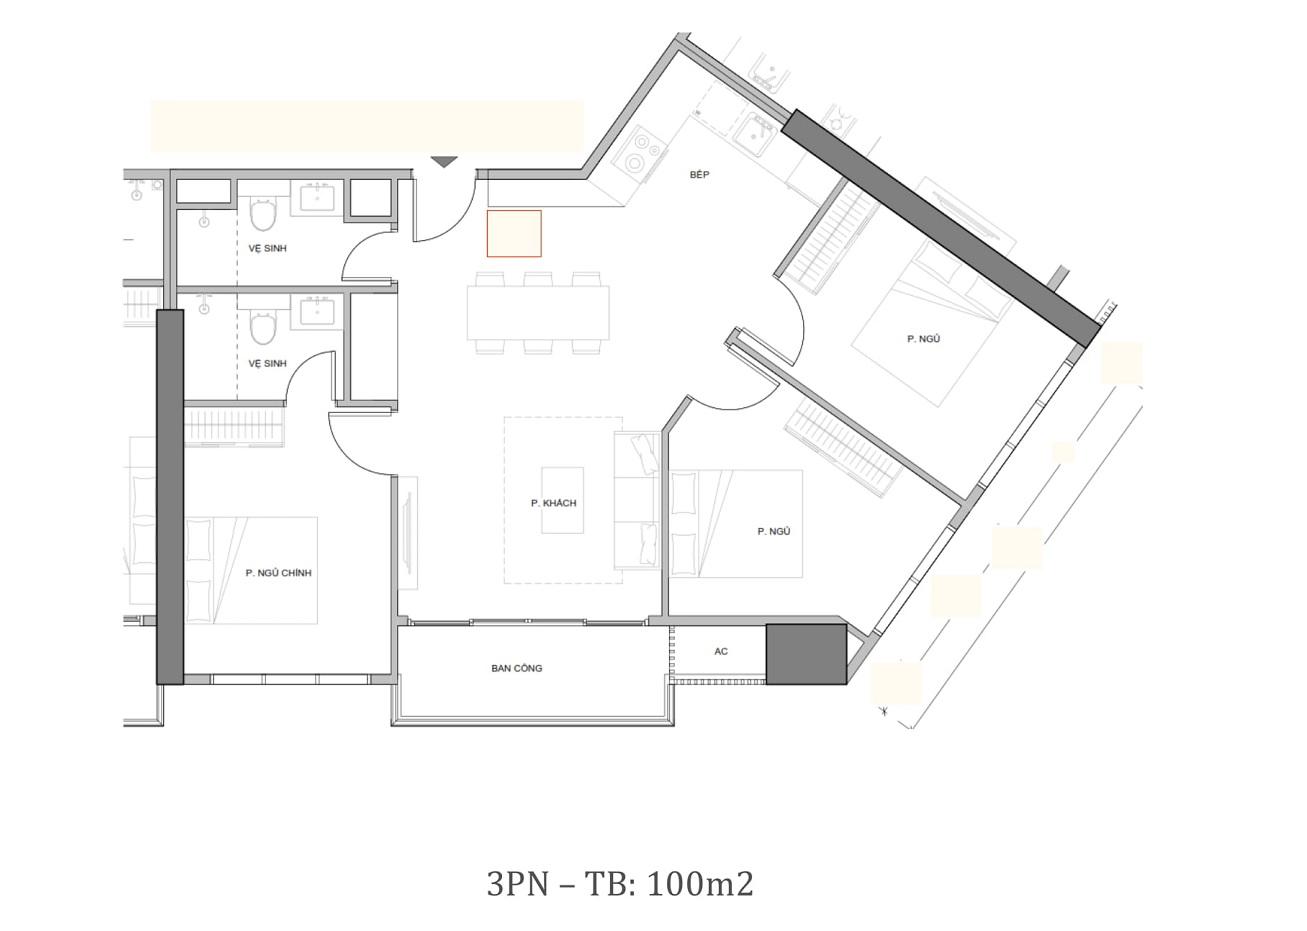 thiết kế căn hộ sun grand marina town 3